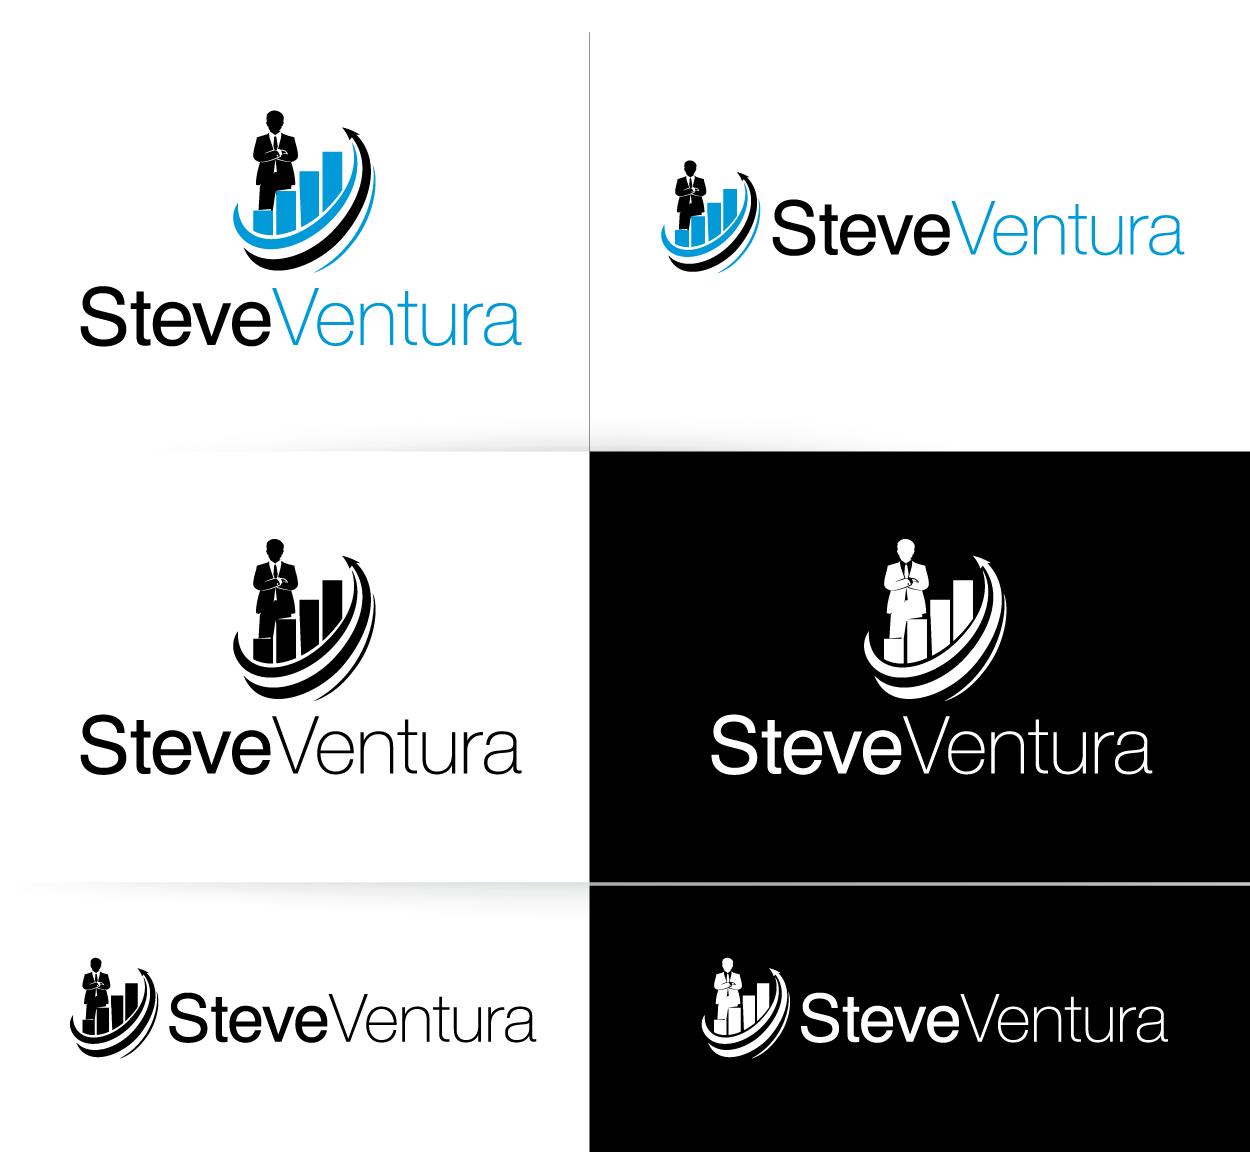 logo for Steve Ventura